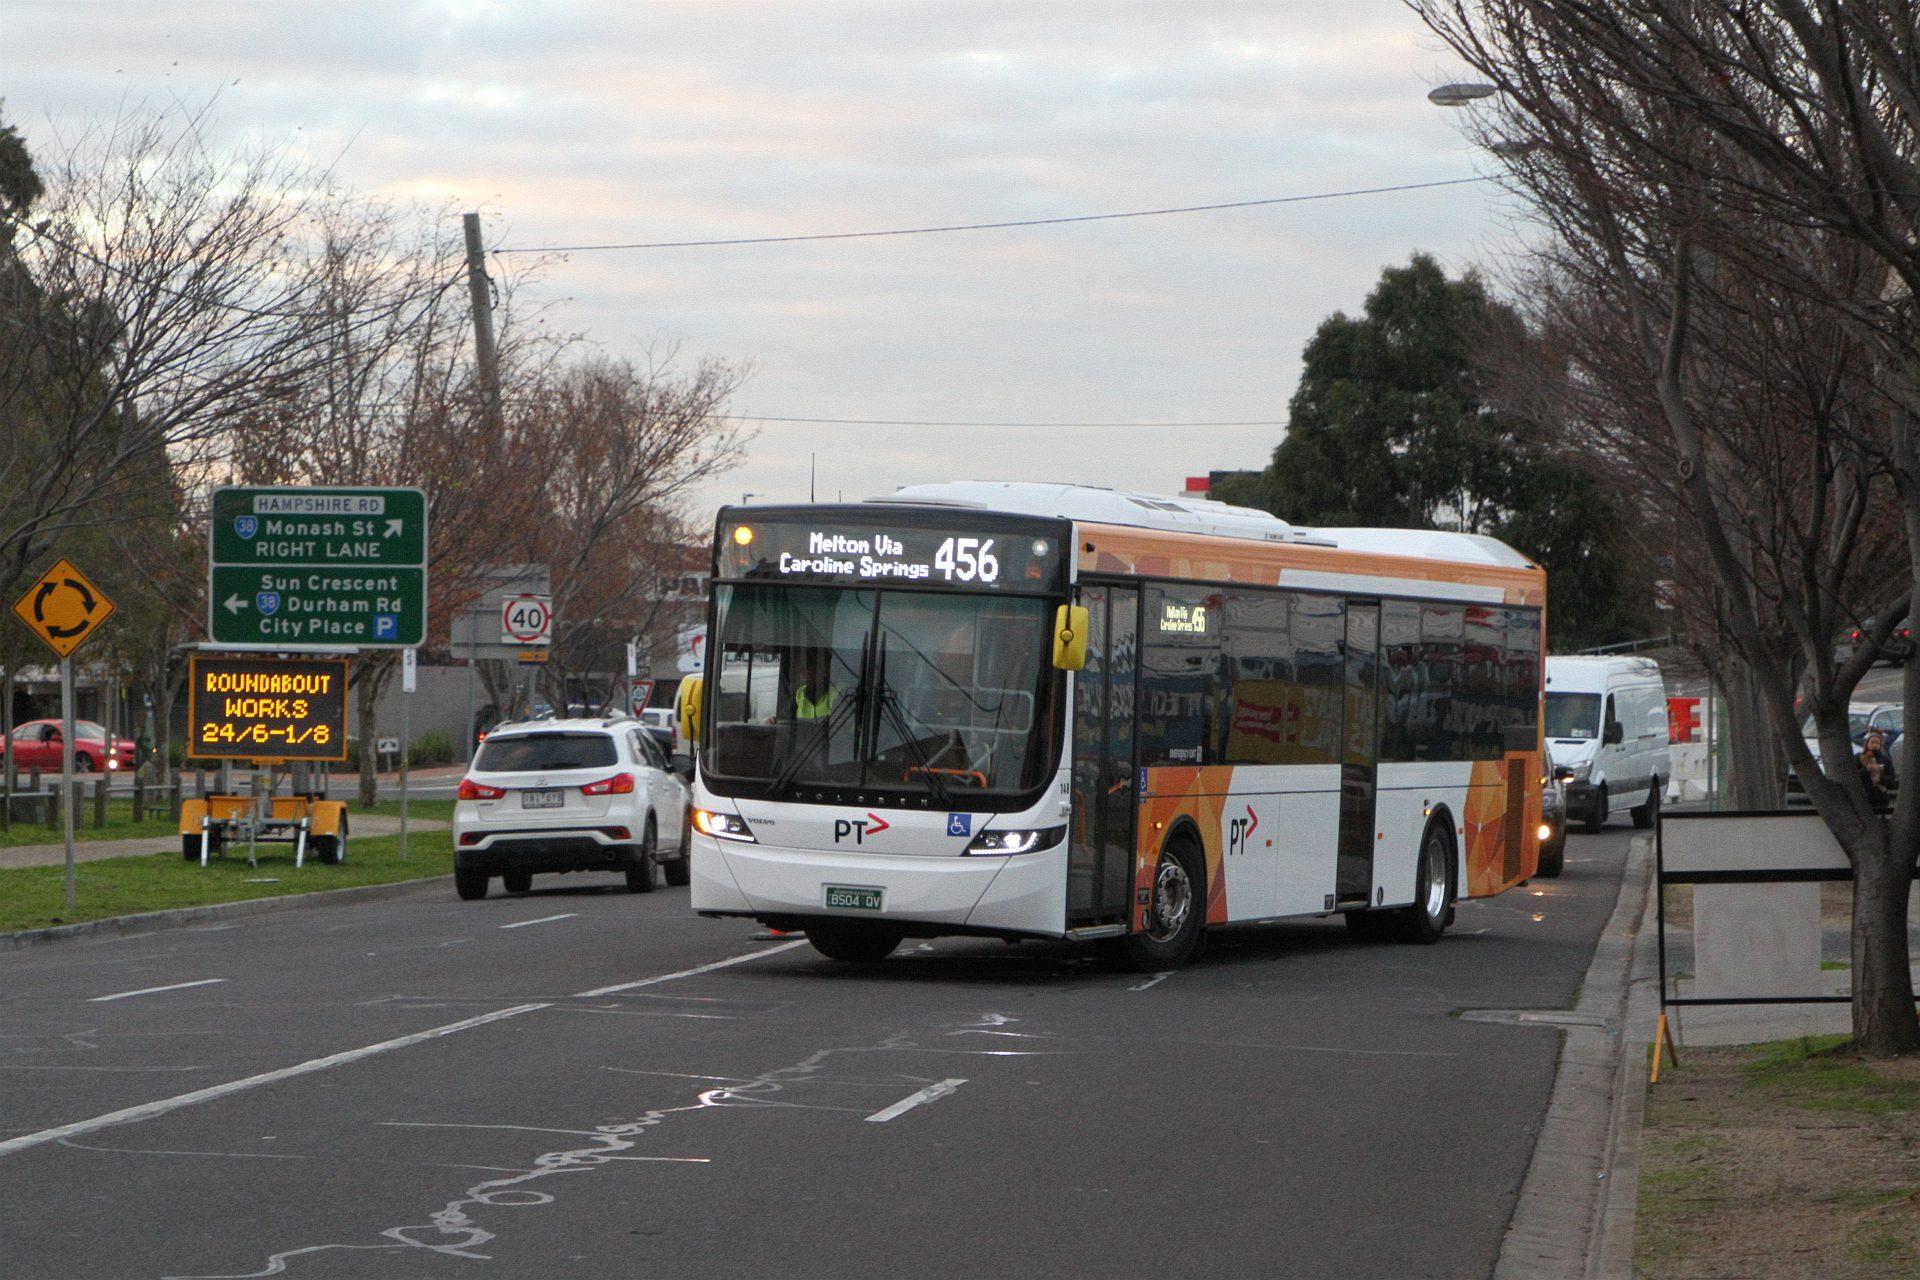 Sita Bus 148 Bs04qv On Route 456 Detours Around Roadwork